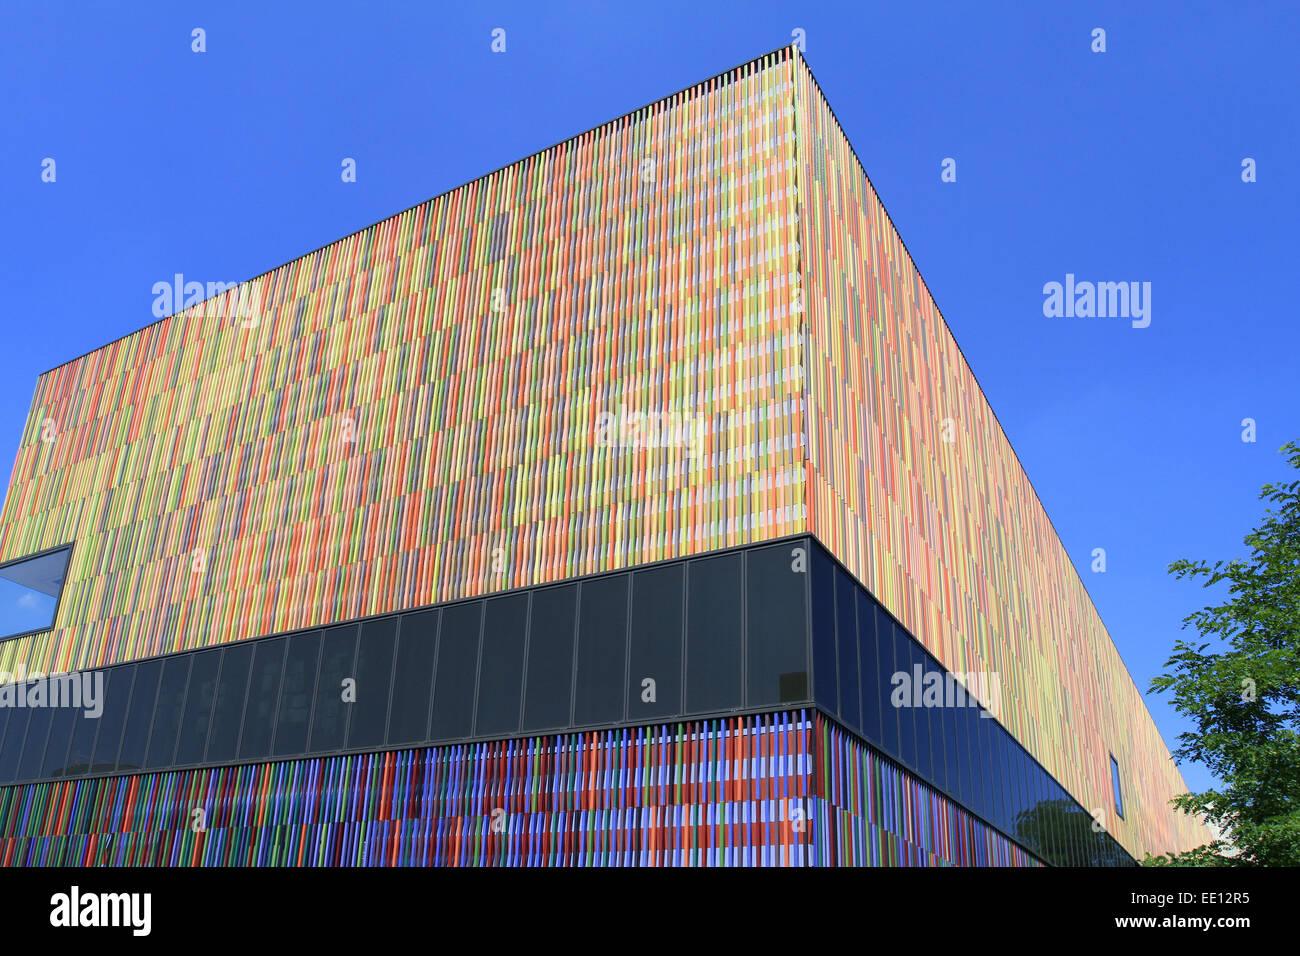 Liebenswert Aussenfassade Farben Das Beste Von 36, 000 Einzelne Keramikflächen, Architektenbüro Sauerbruch Hutton,